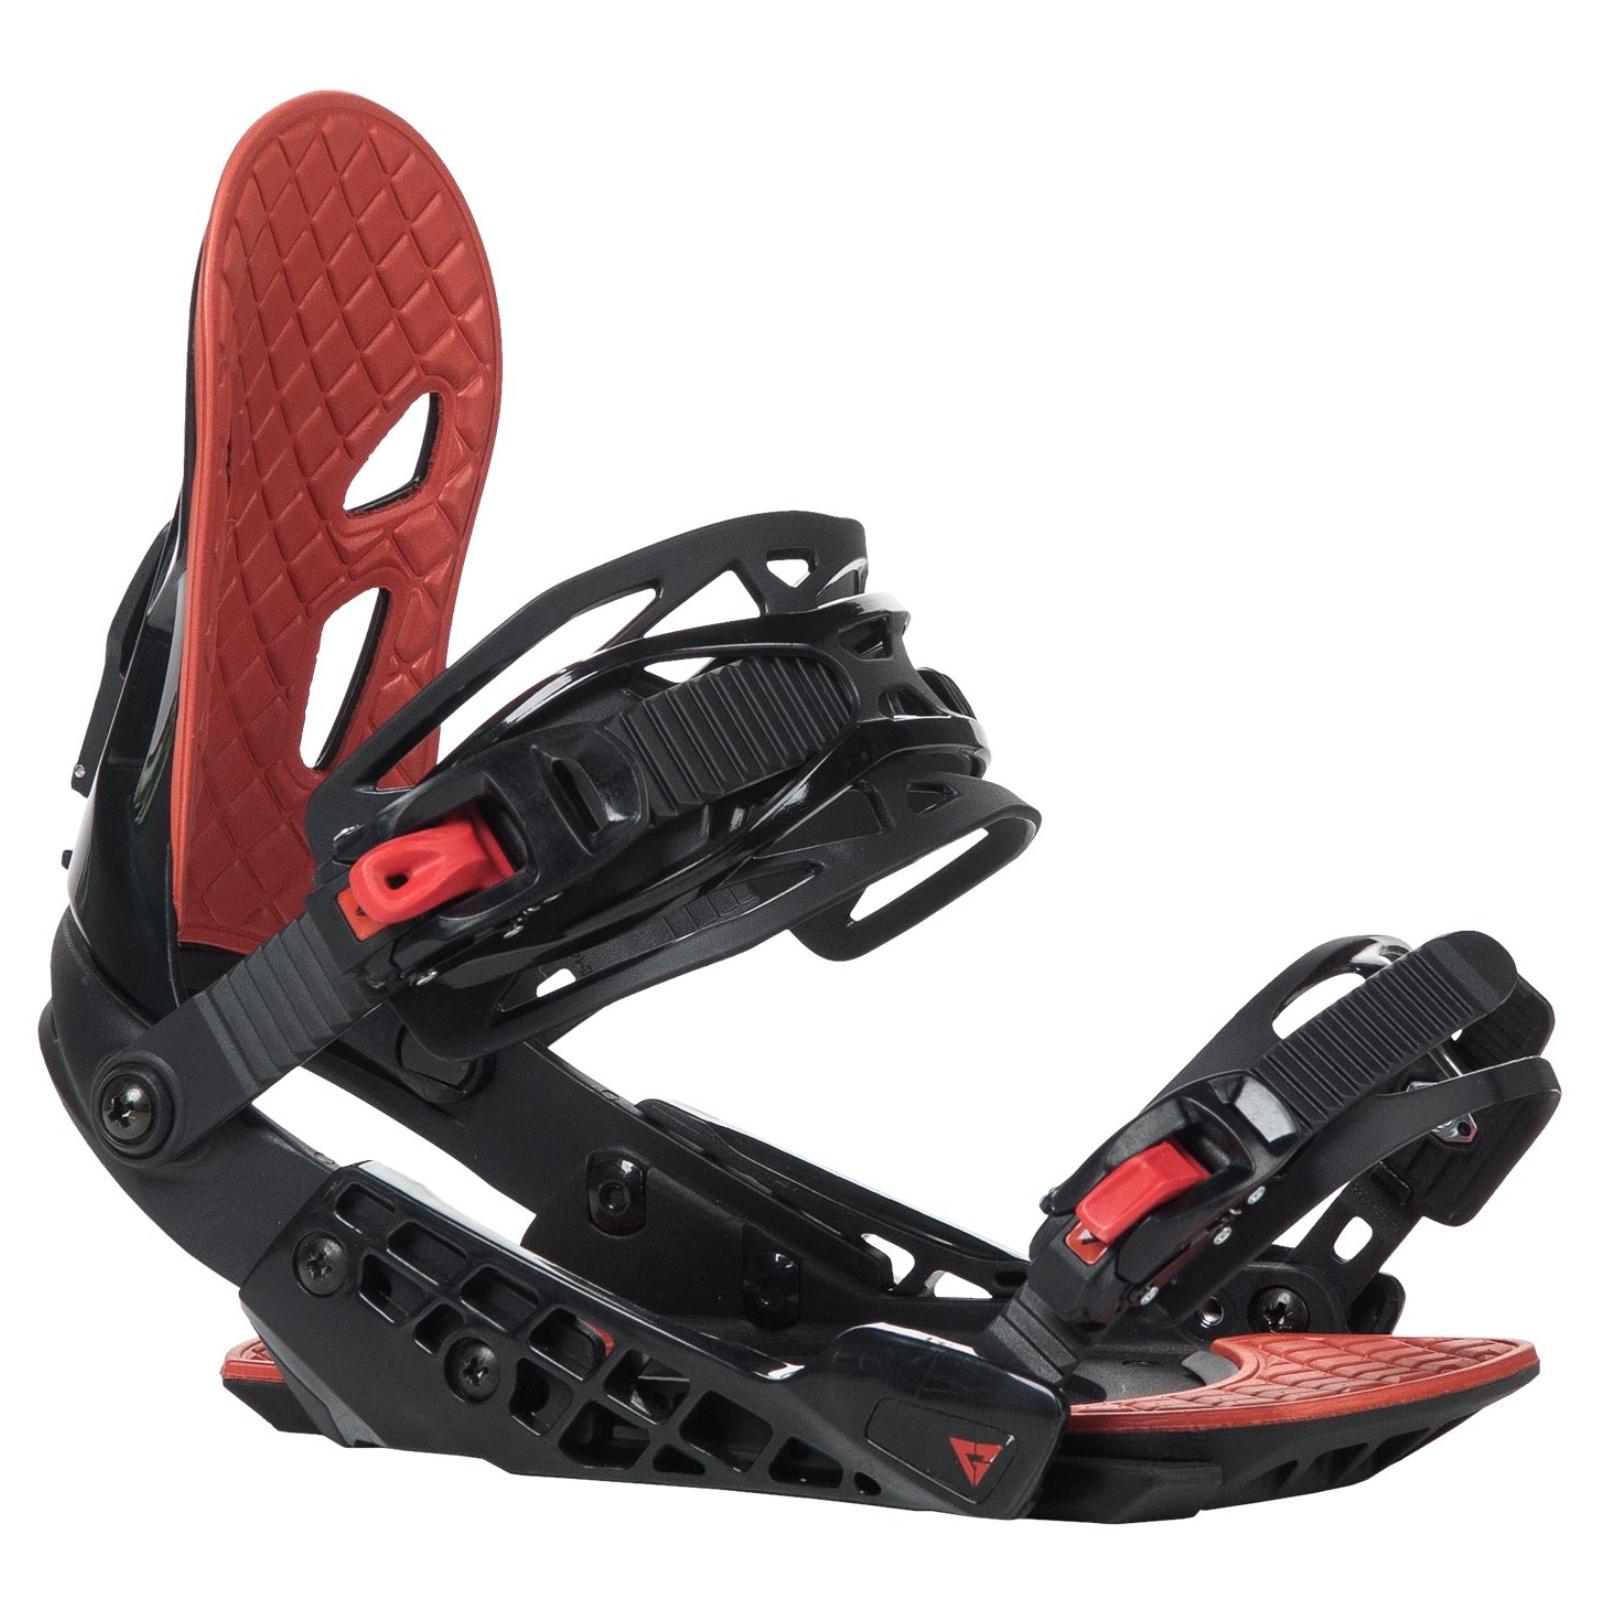 Snowboard vázání GRAVITY G2 dámské červené - vel. M